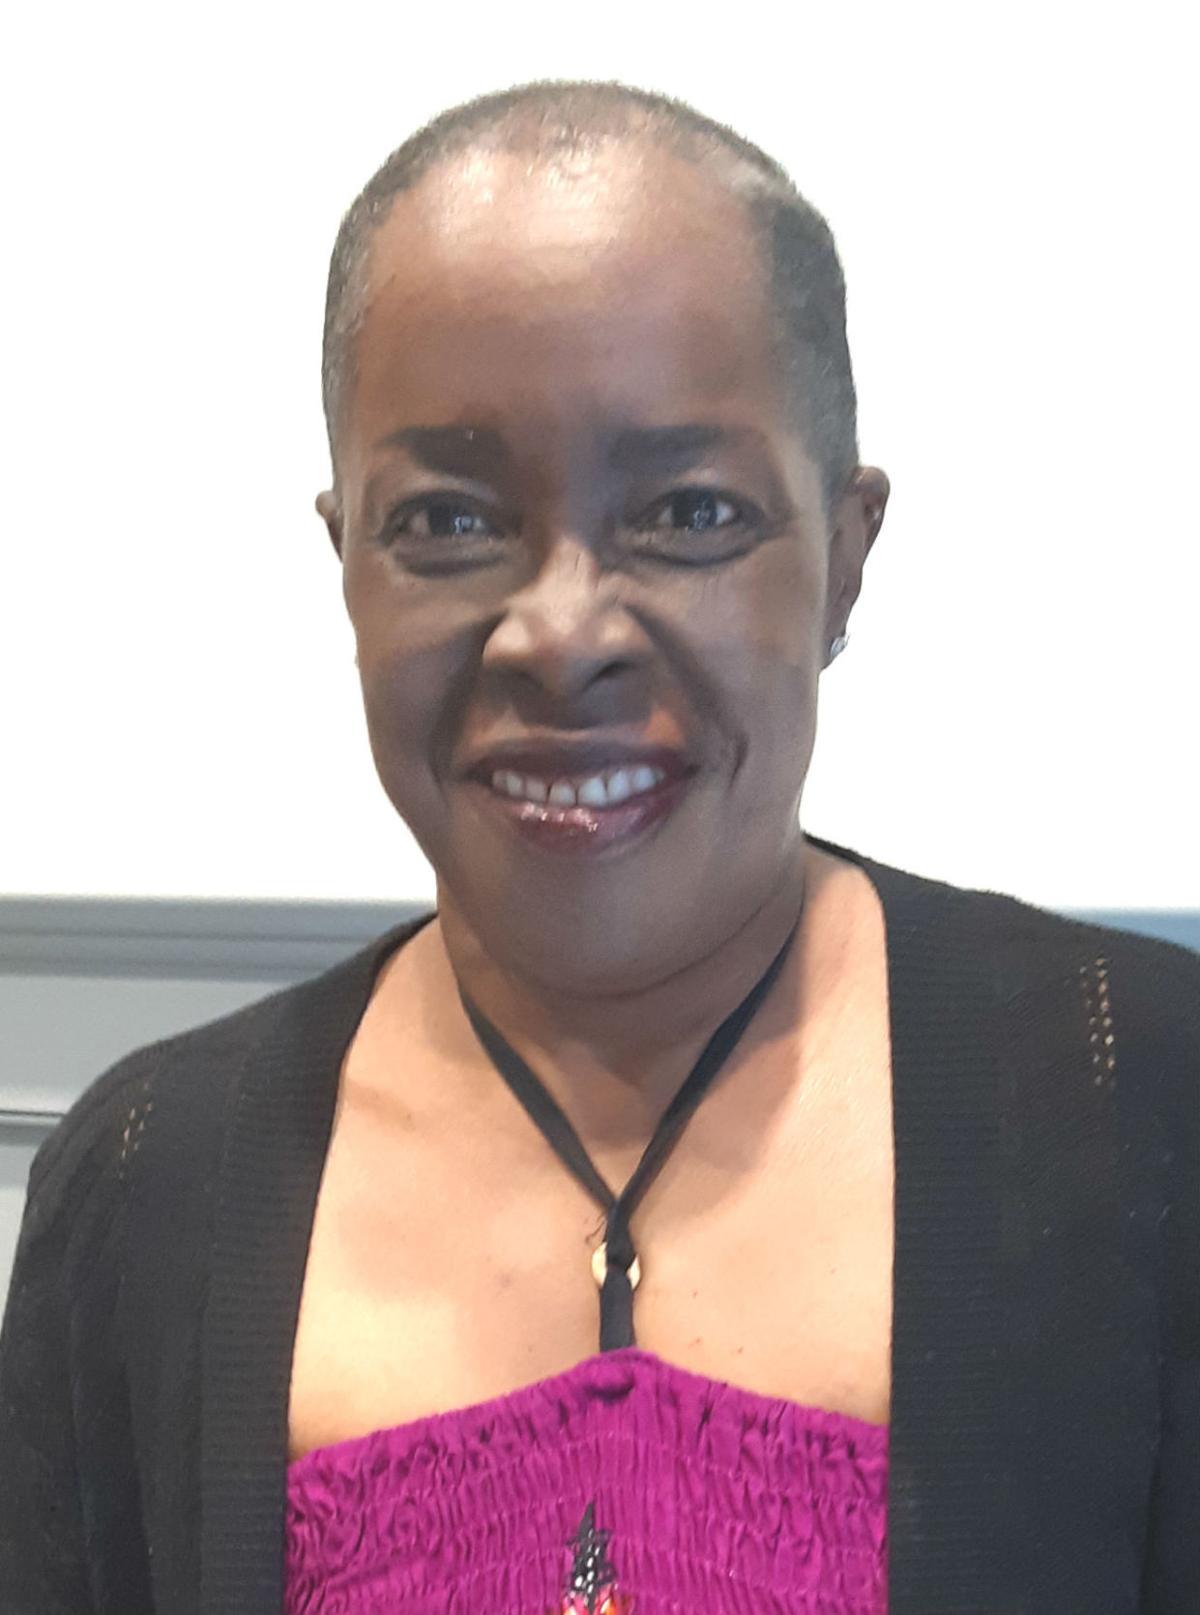 Denise Ewell